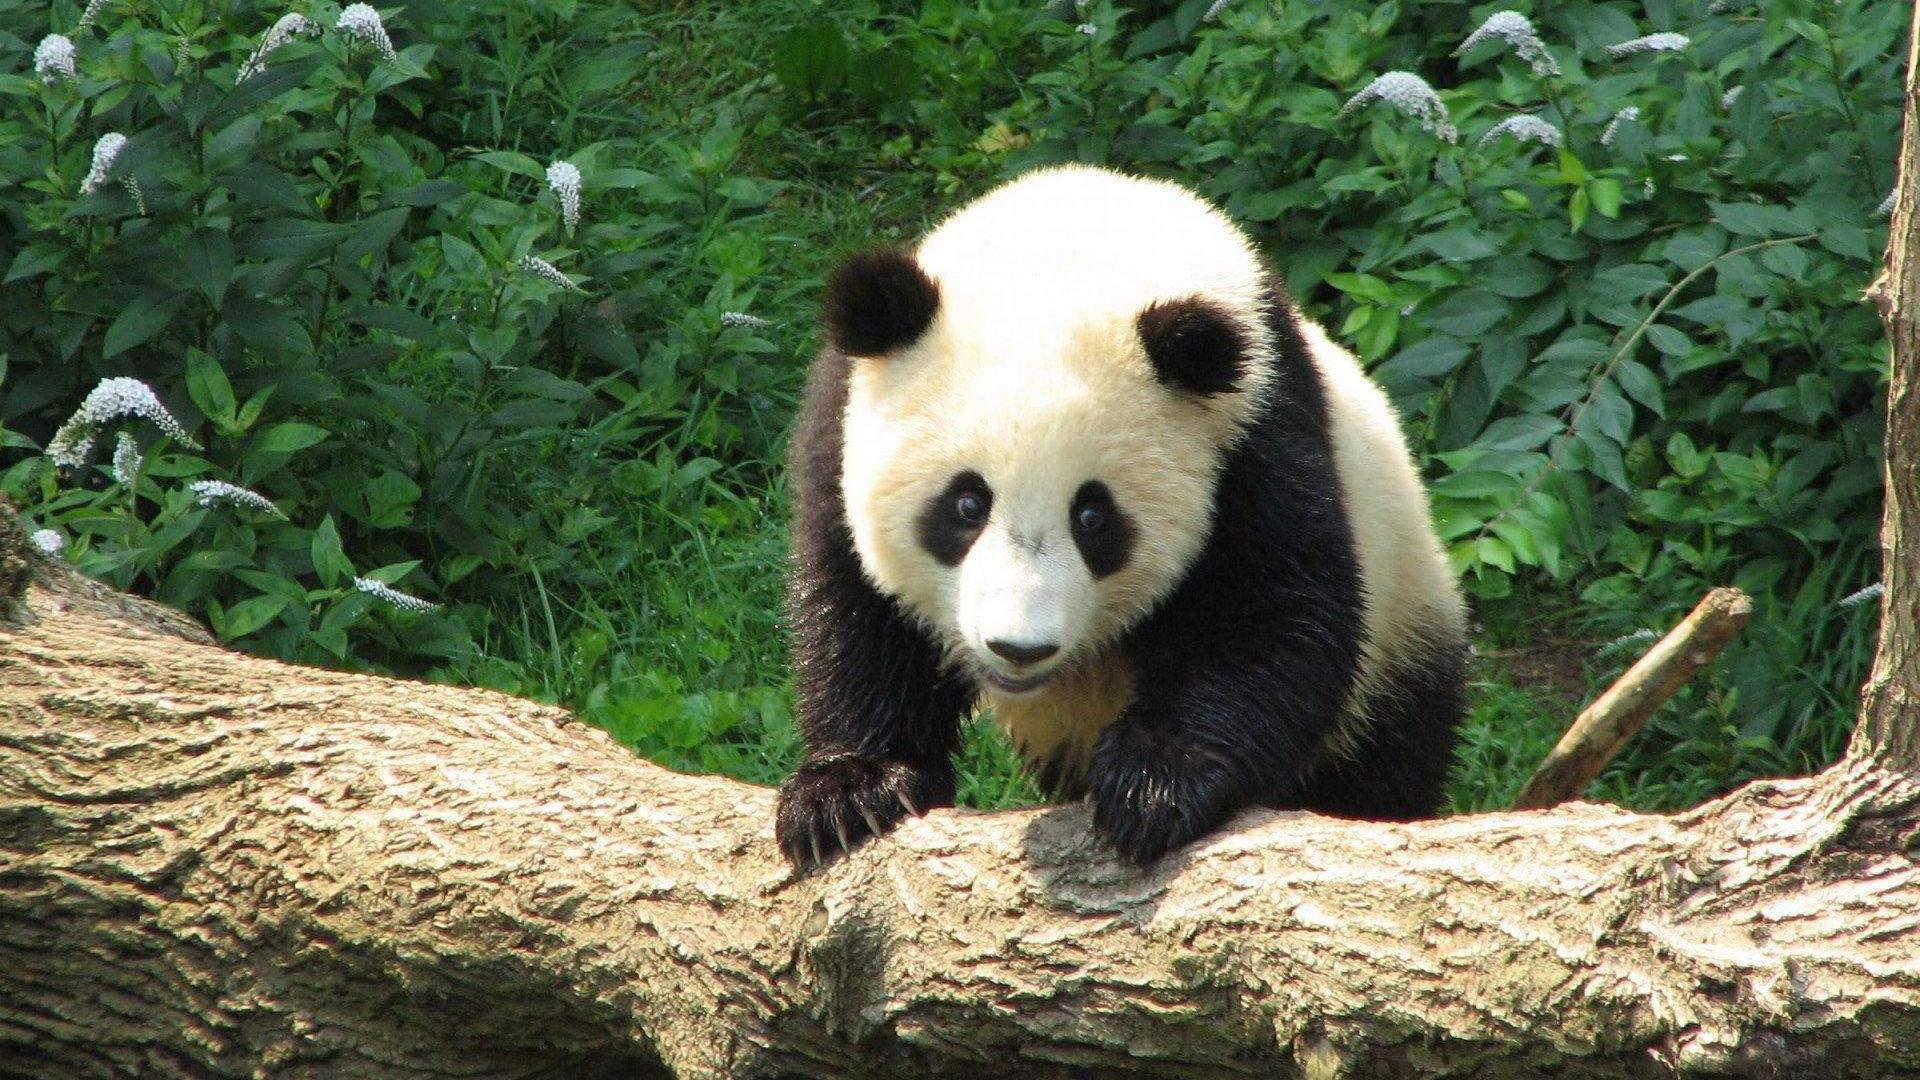 沈阳对熊猫馆门票价格进行听证 熊猫馆拟定门票40元